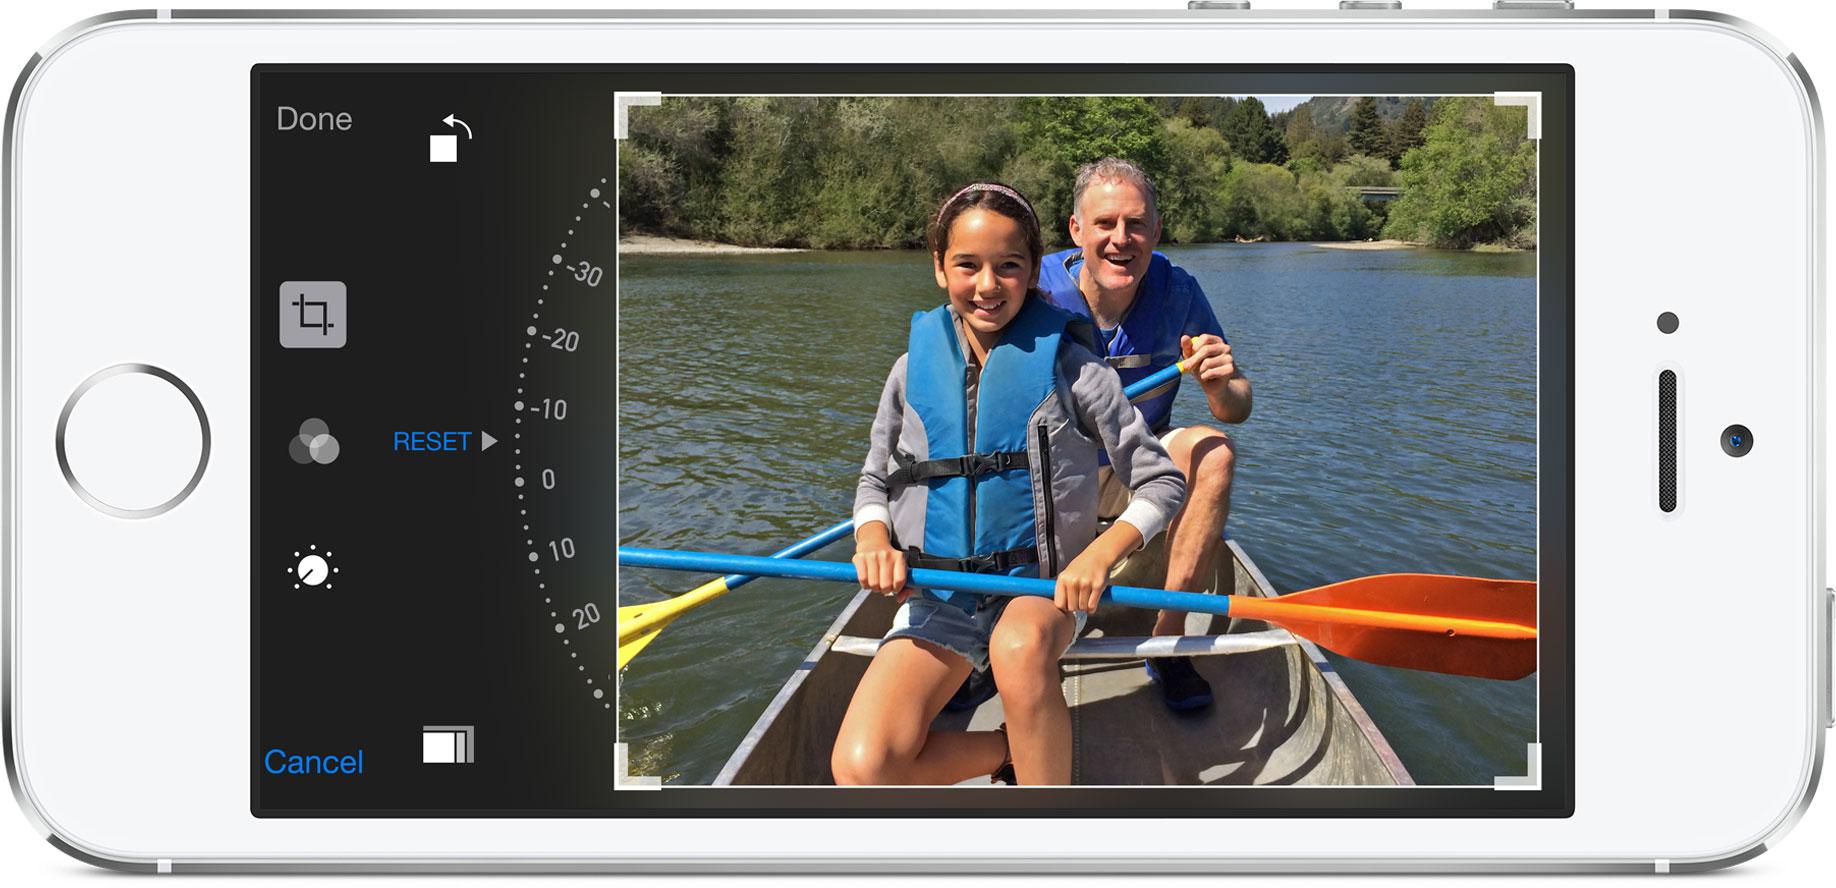 Editando fotos no IOS 8 em iPhone